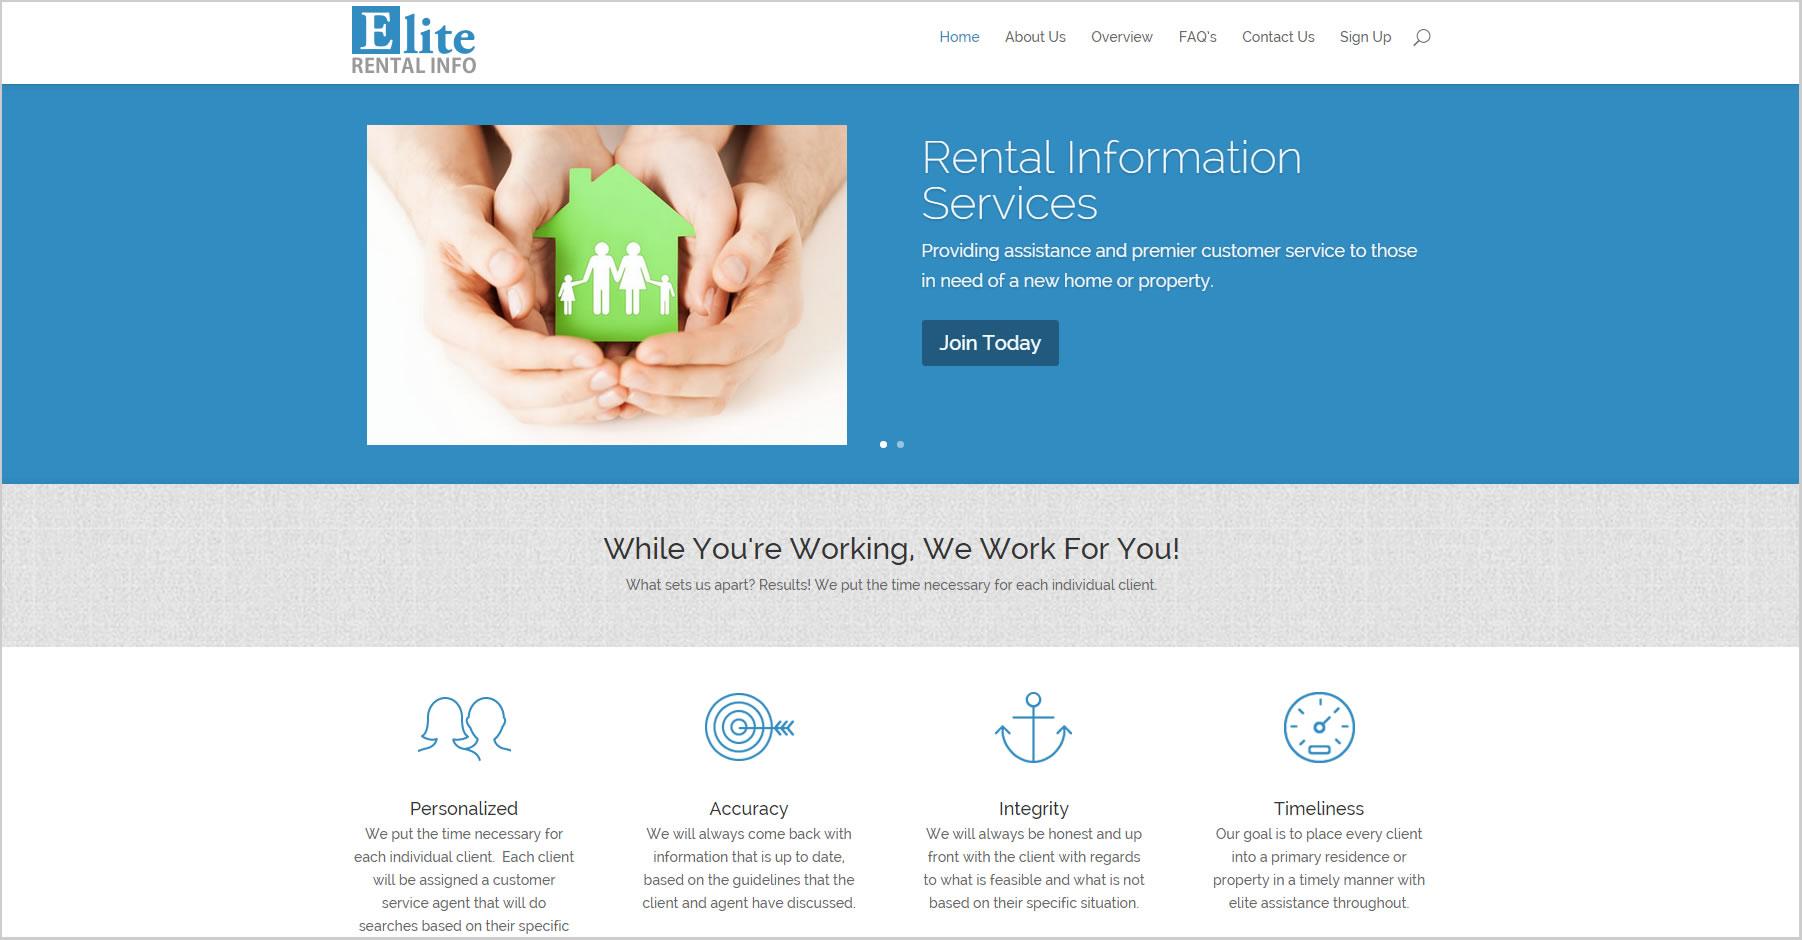 Website Design For Elite Rental Info Services By